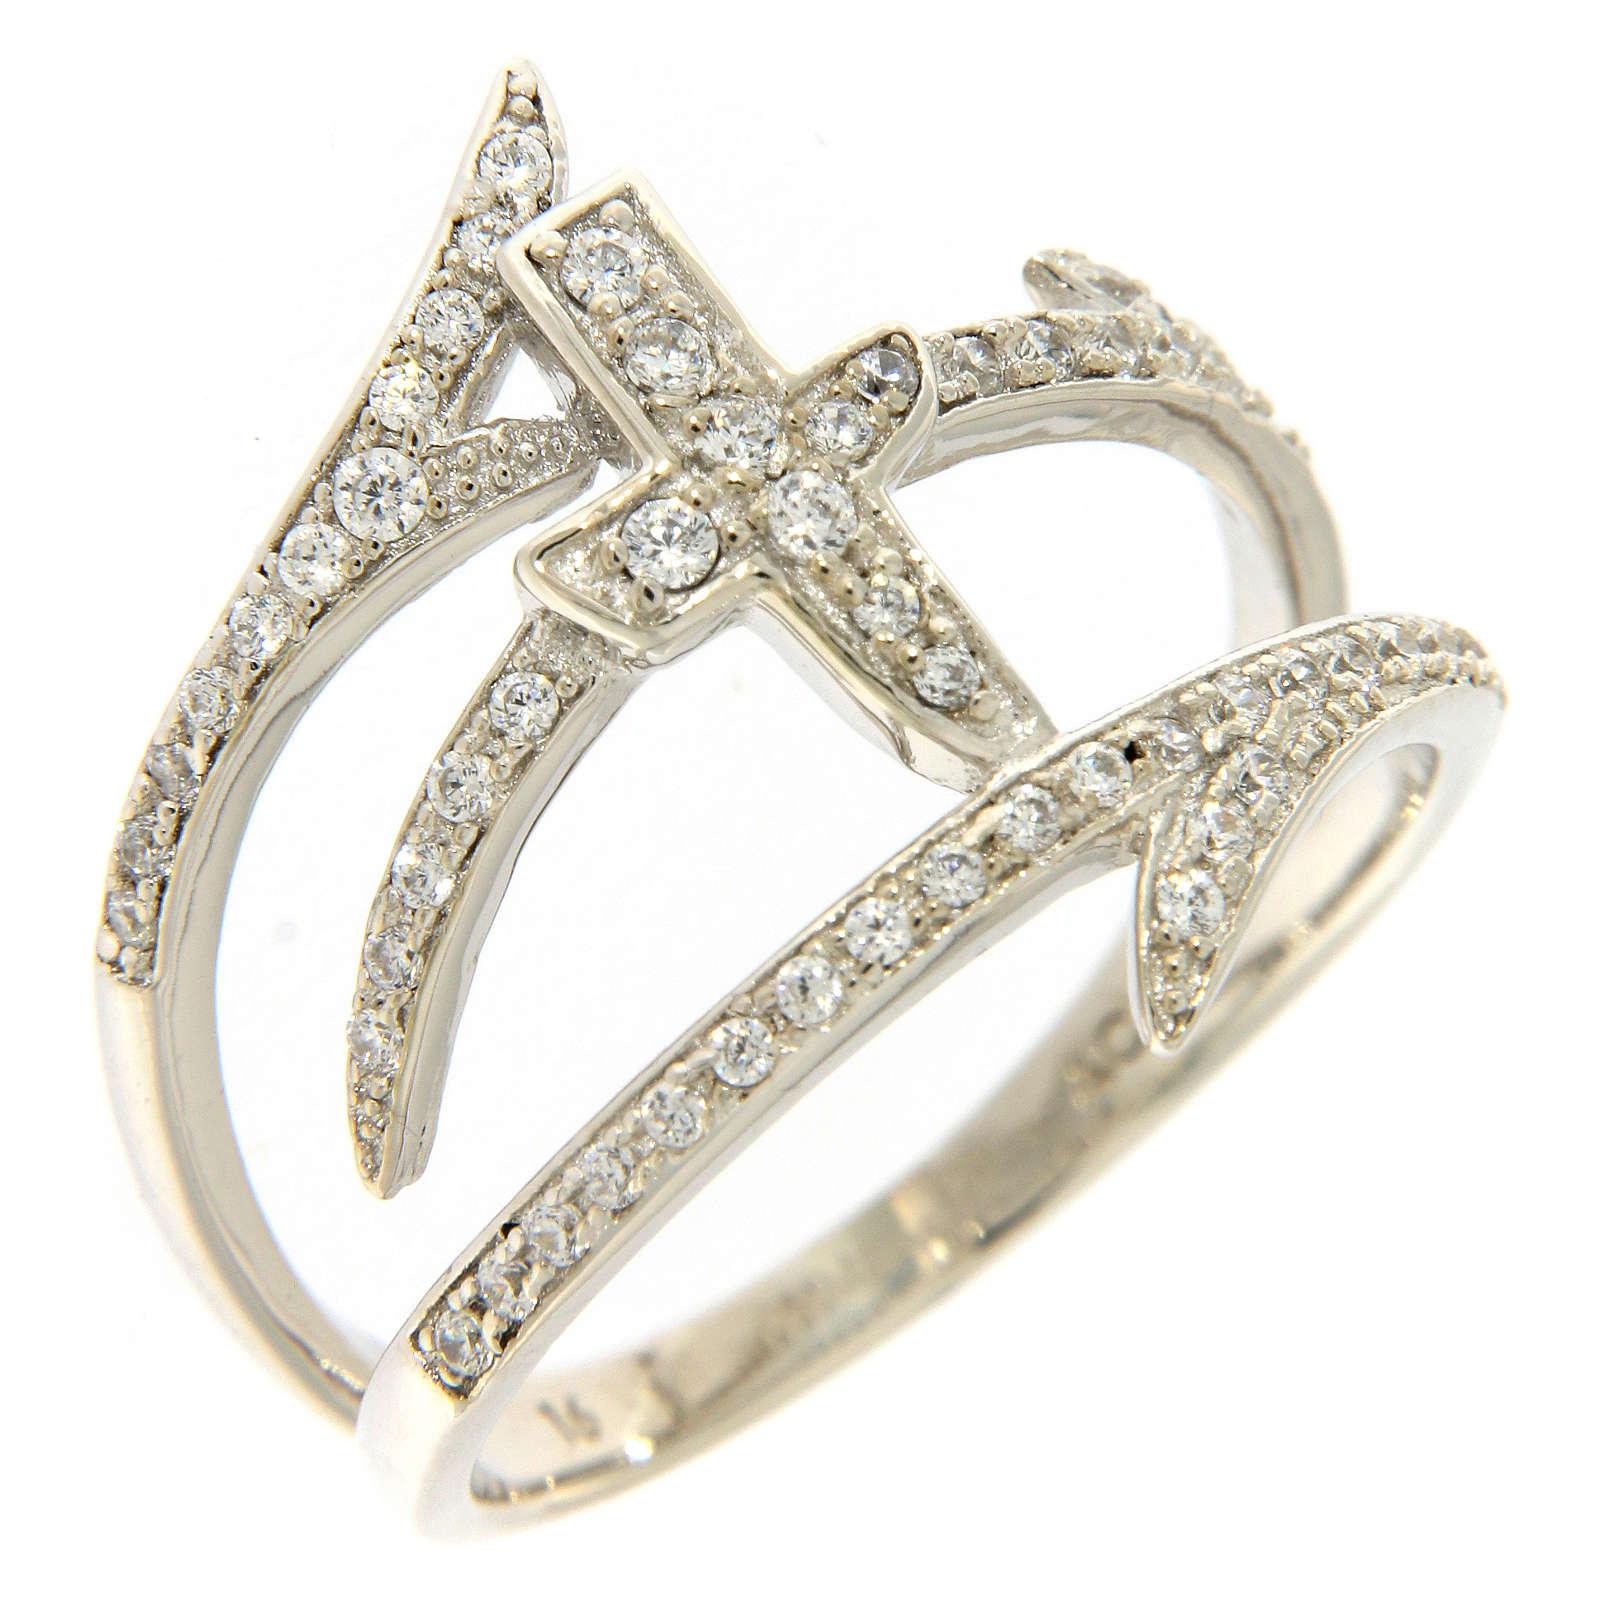 Anello AMEN croce e spine con zirconi argento 925 3